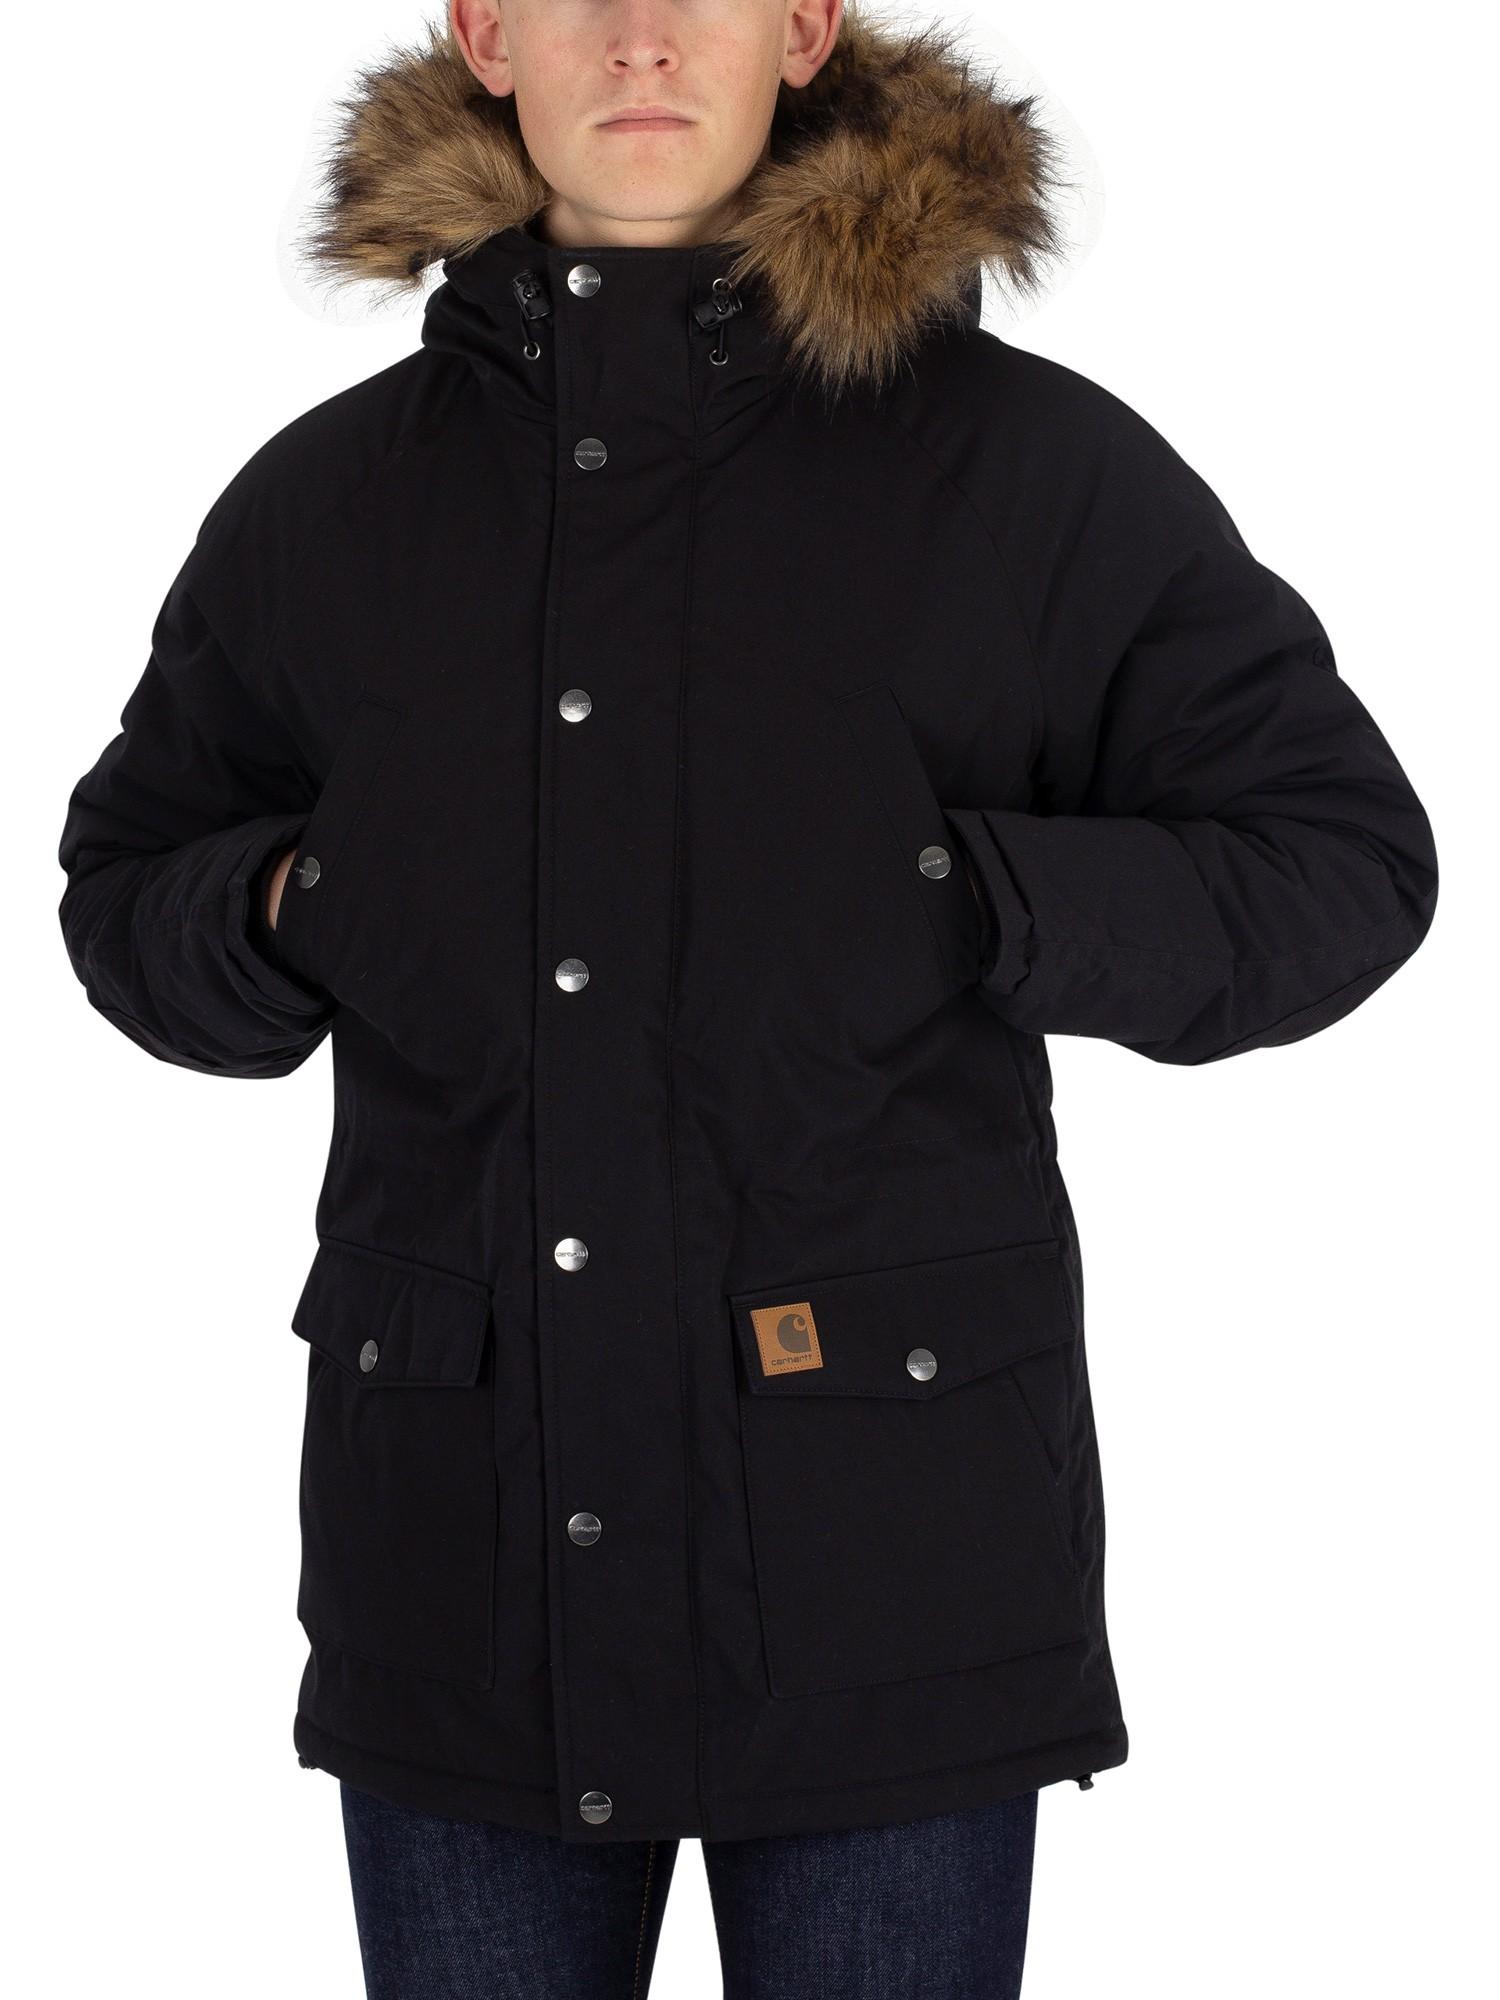 Carhartt Wip Black Black Trapper Parka Fur Trim Jacket